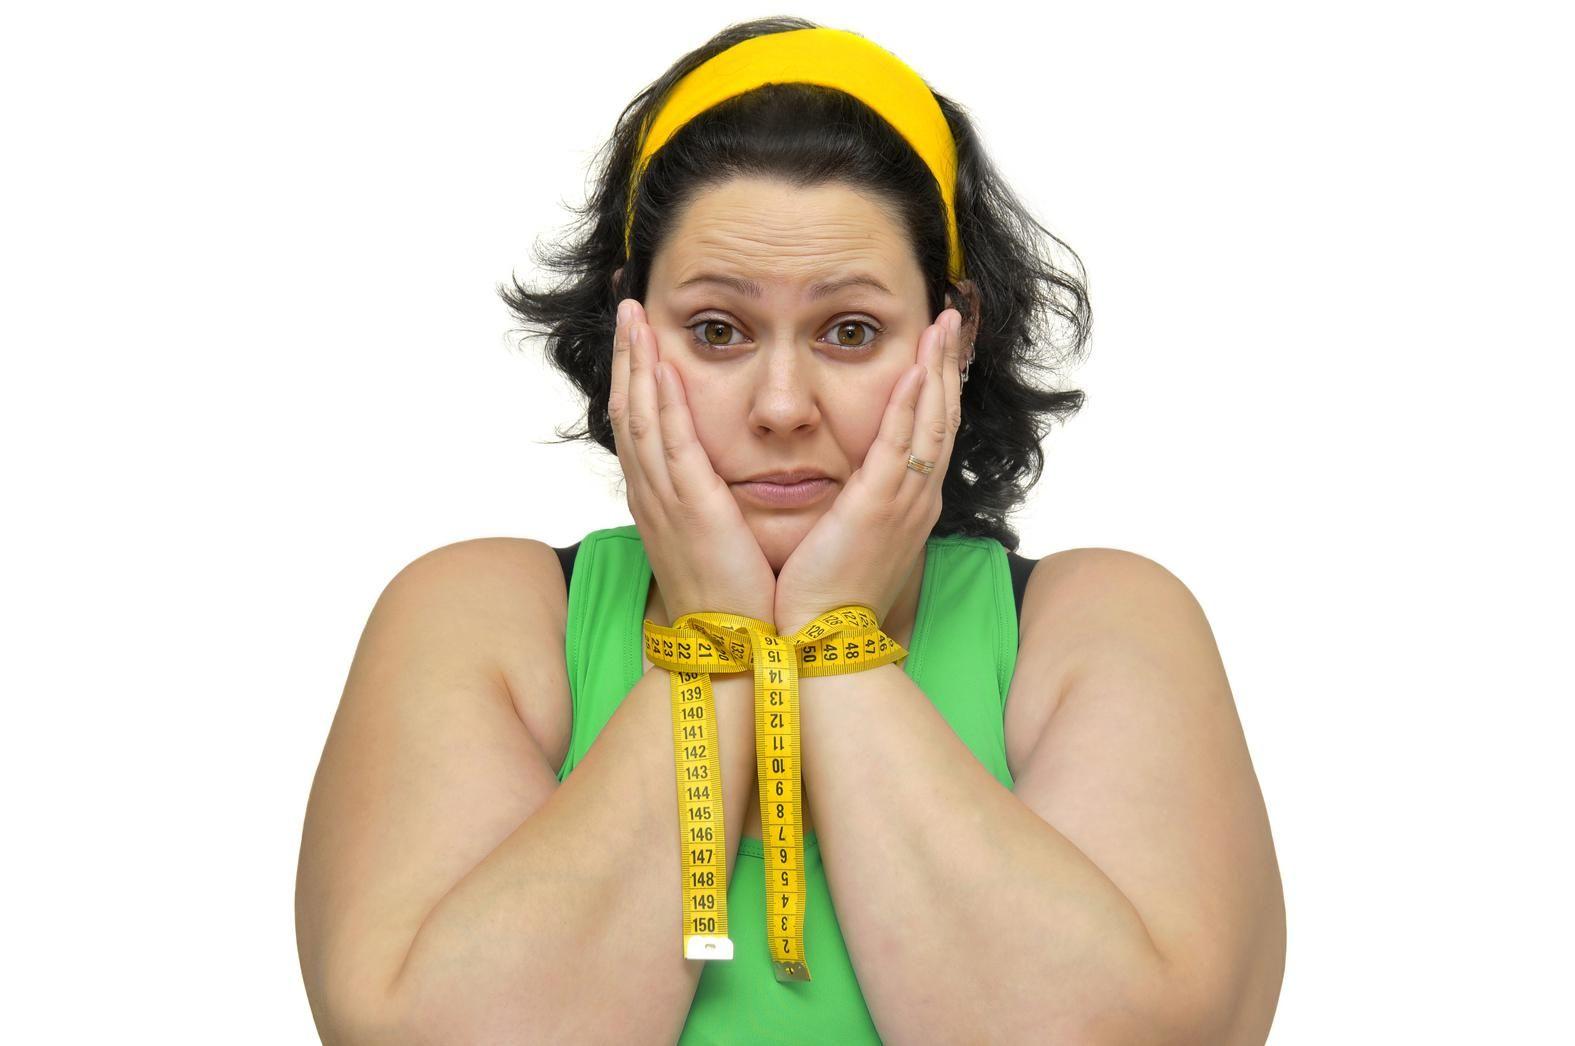 Фото Хочешь Похудеть. Реальные истории и фото сильно похудевших людей. Советы и отзывы о методиках похудения